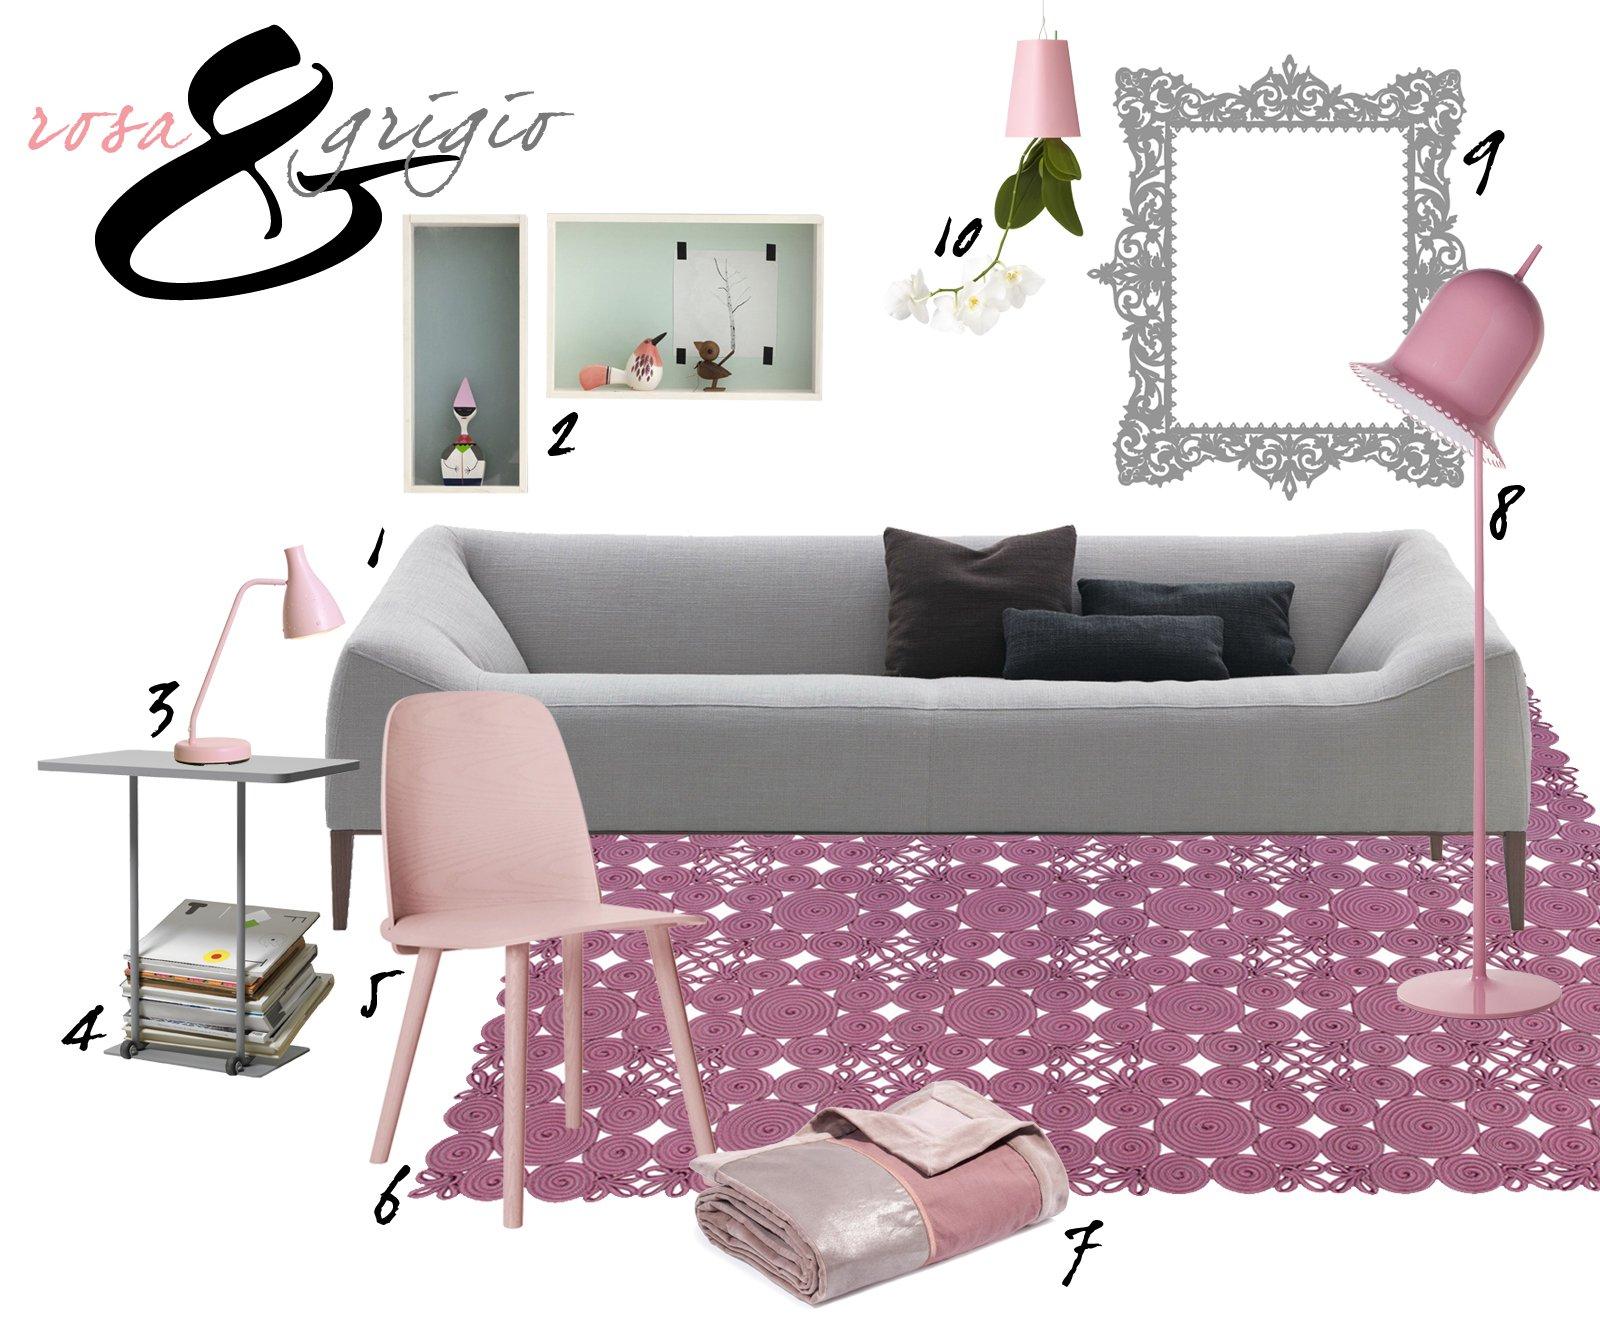 soggiorno: idee da copiare in grigio e rosa - cose di casa - Soggiorno Grigio E Lilla